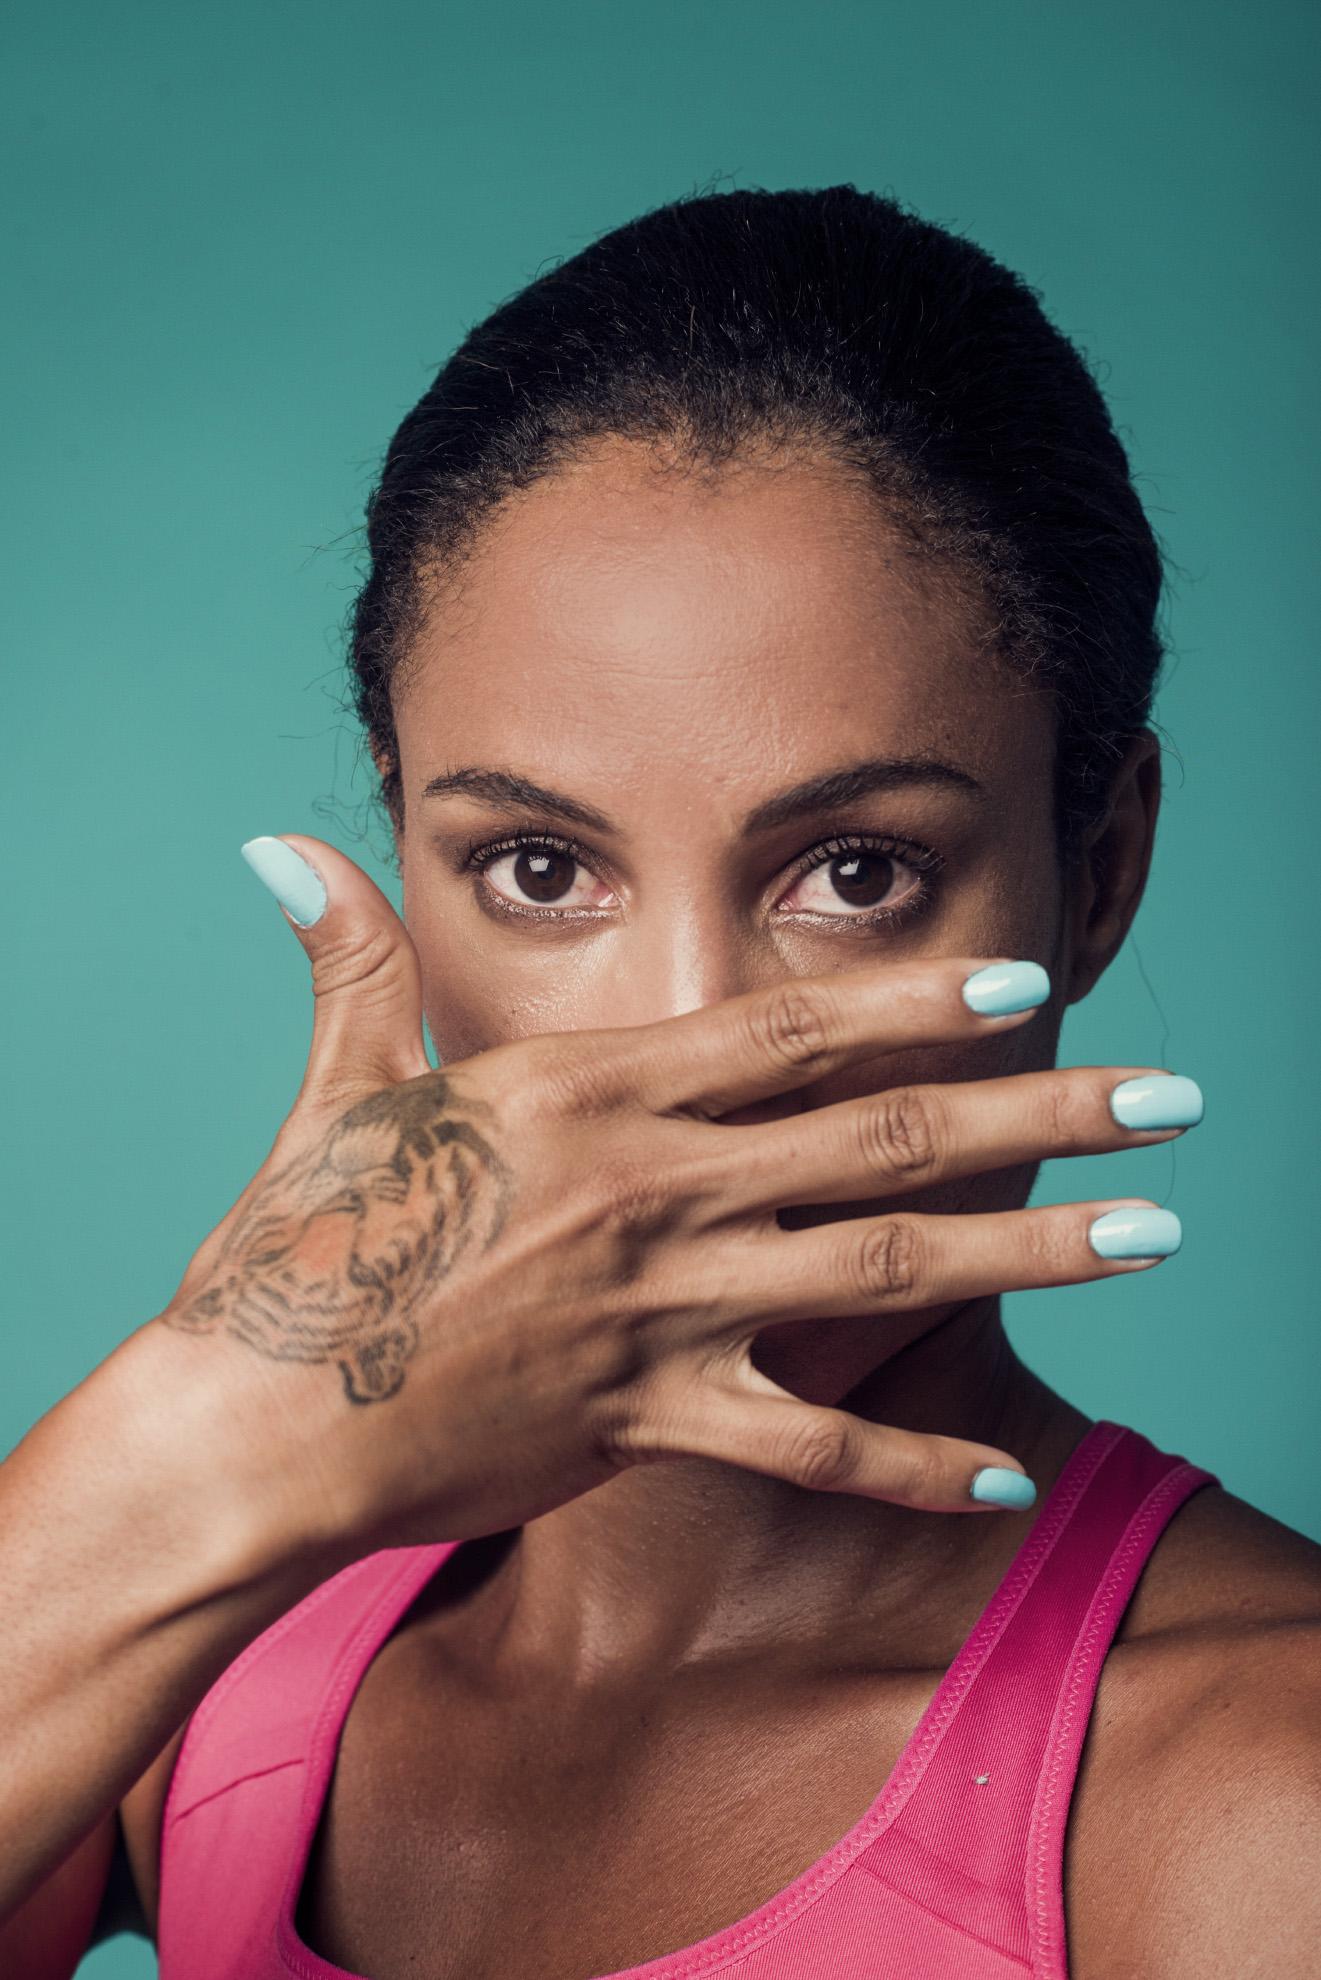 Roma, 2017. La velocista italiana di origine cubana Libania Grenot. Rome, 2017. Cuban-born Italian female athlete Libana Grenot.